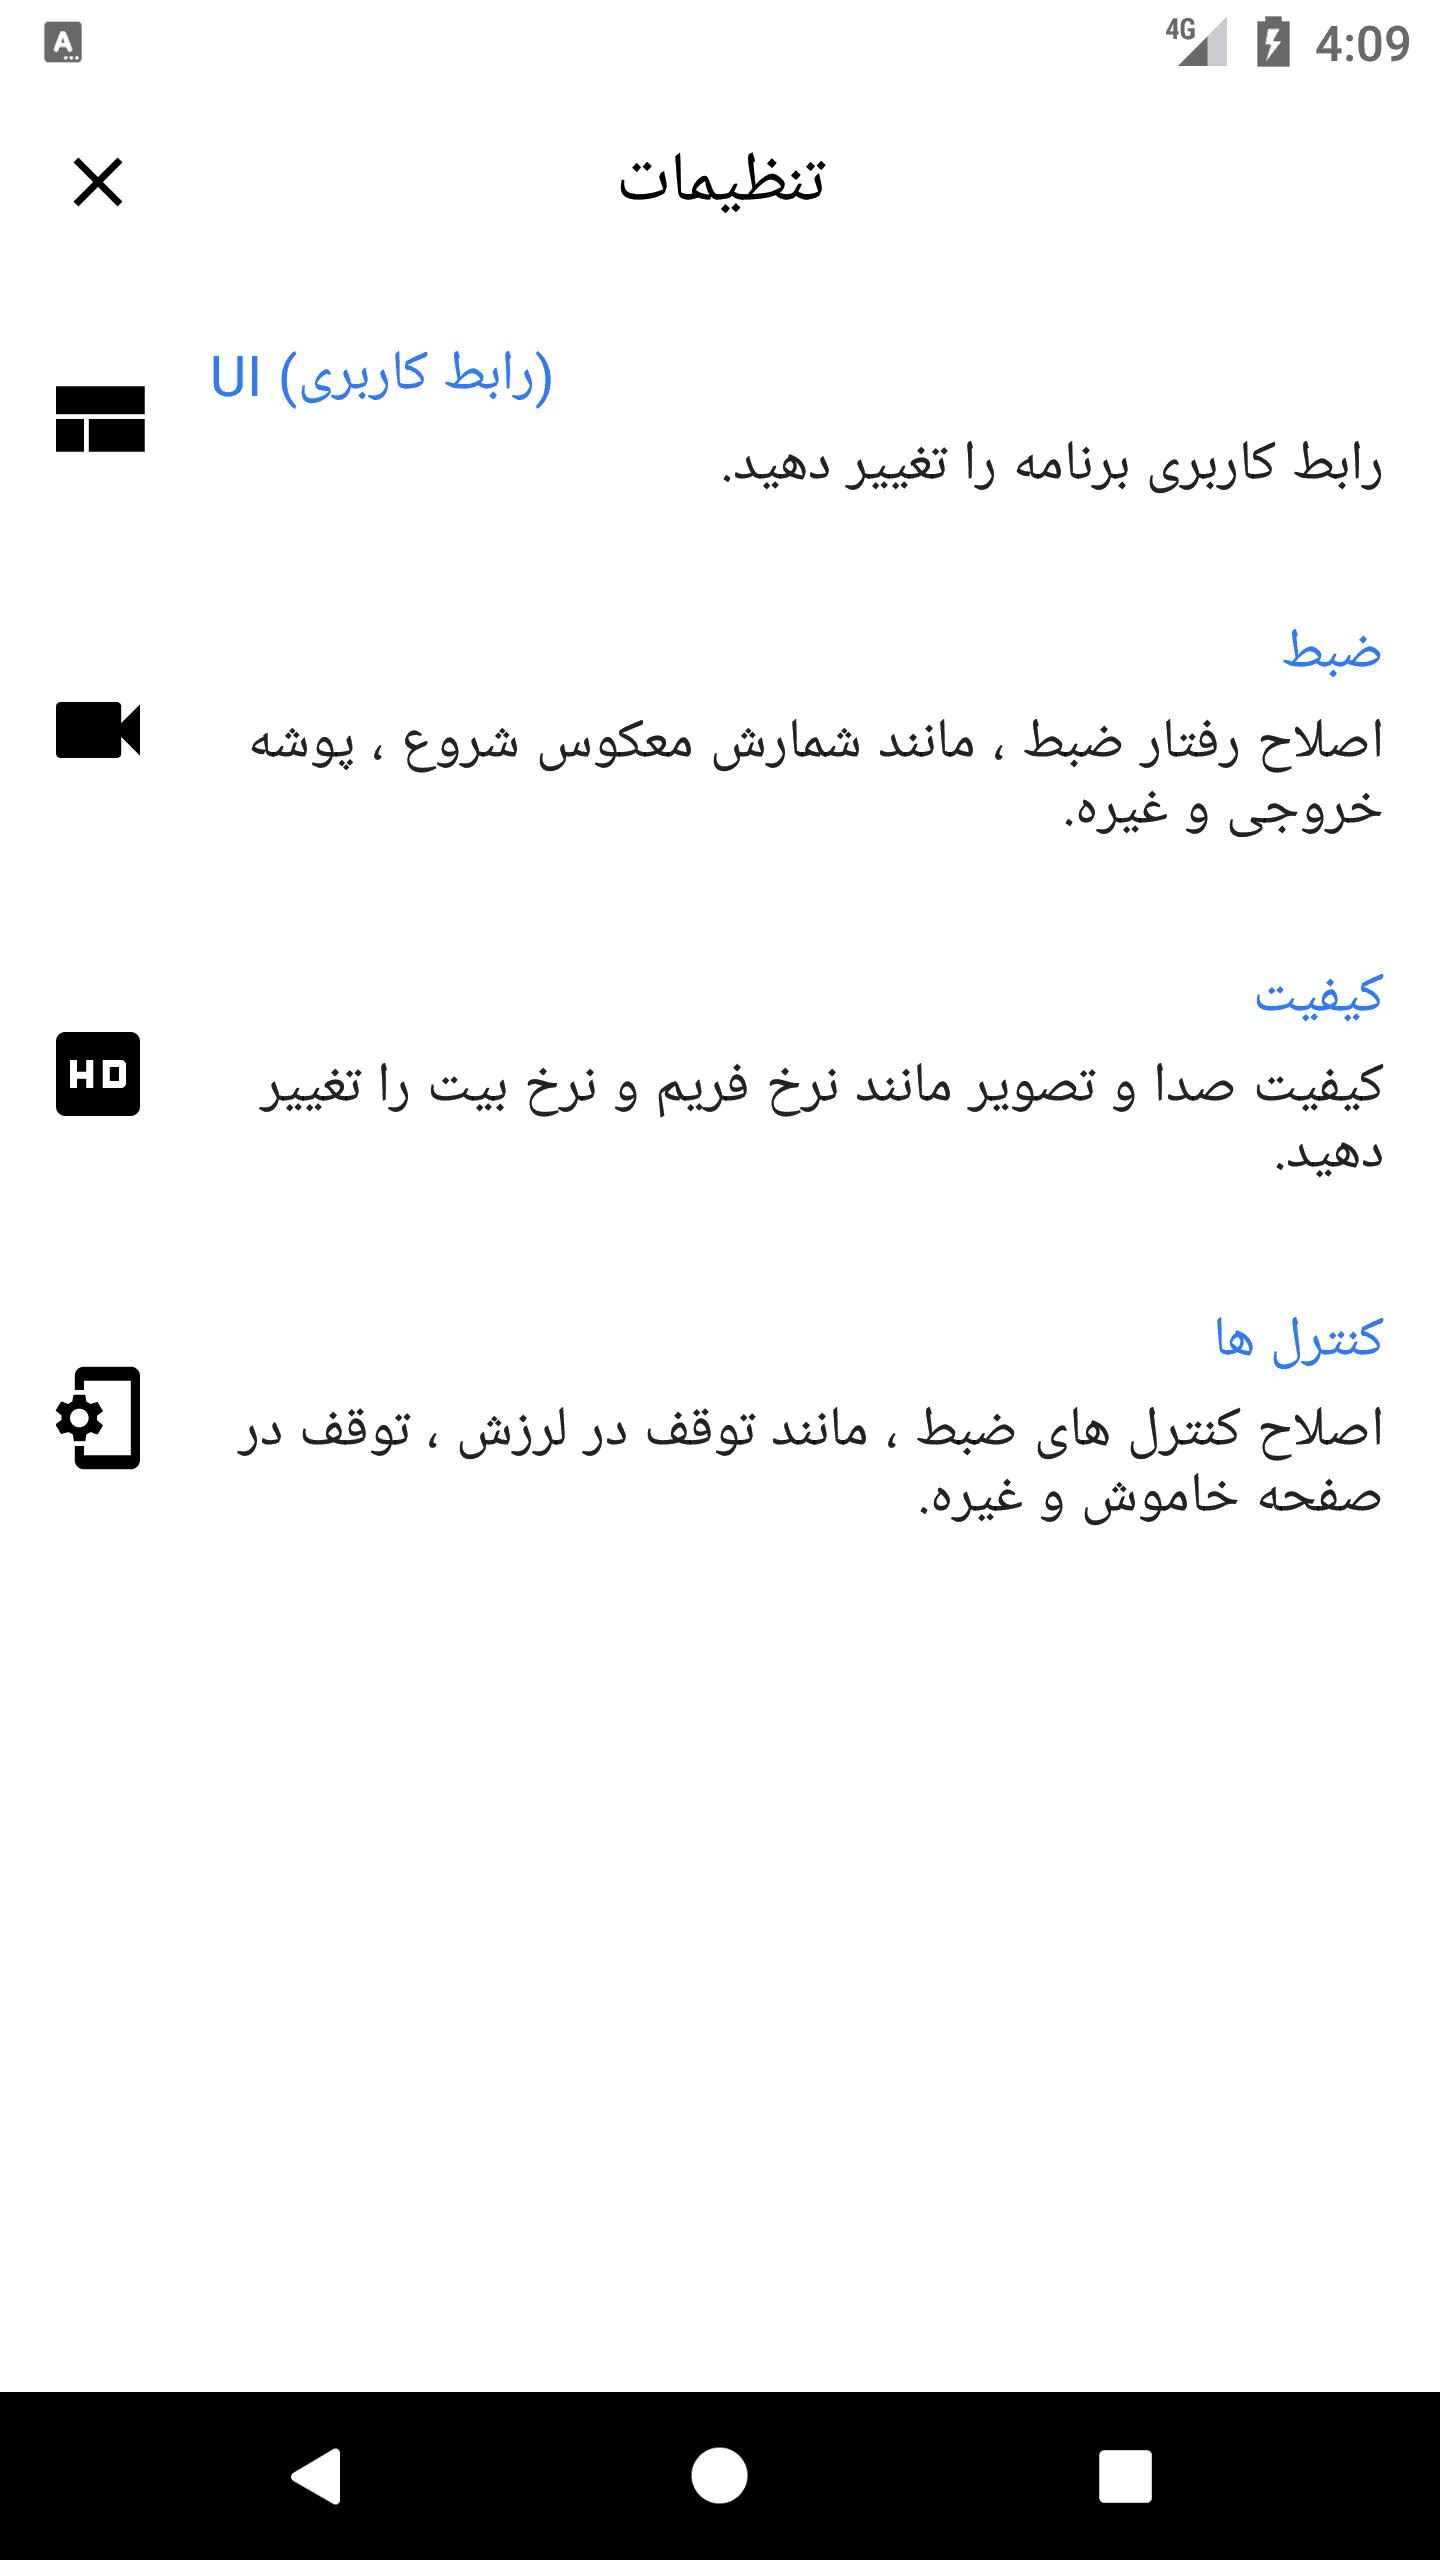 سورس و کد اندرویدضبط کننده صفحه نمایش در موبایل